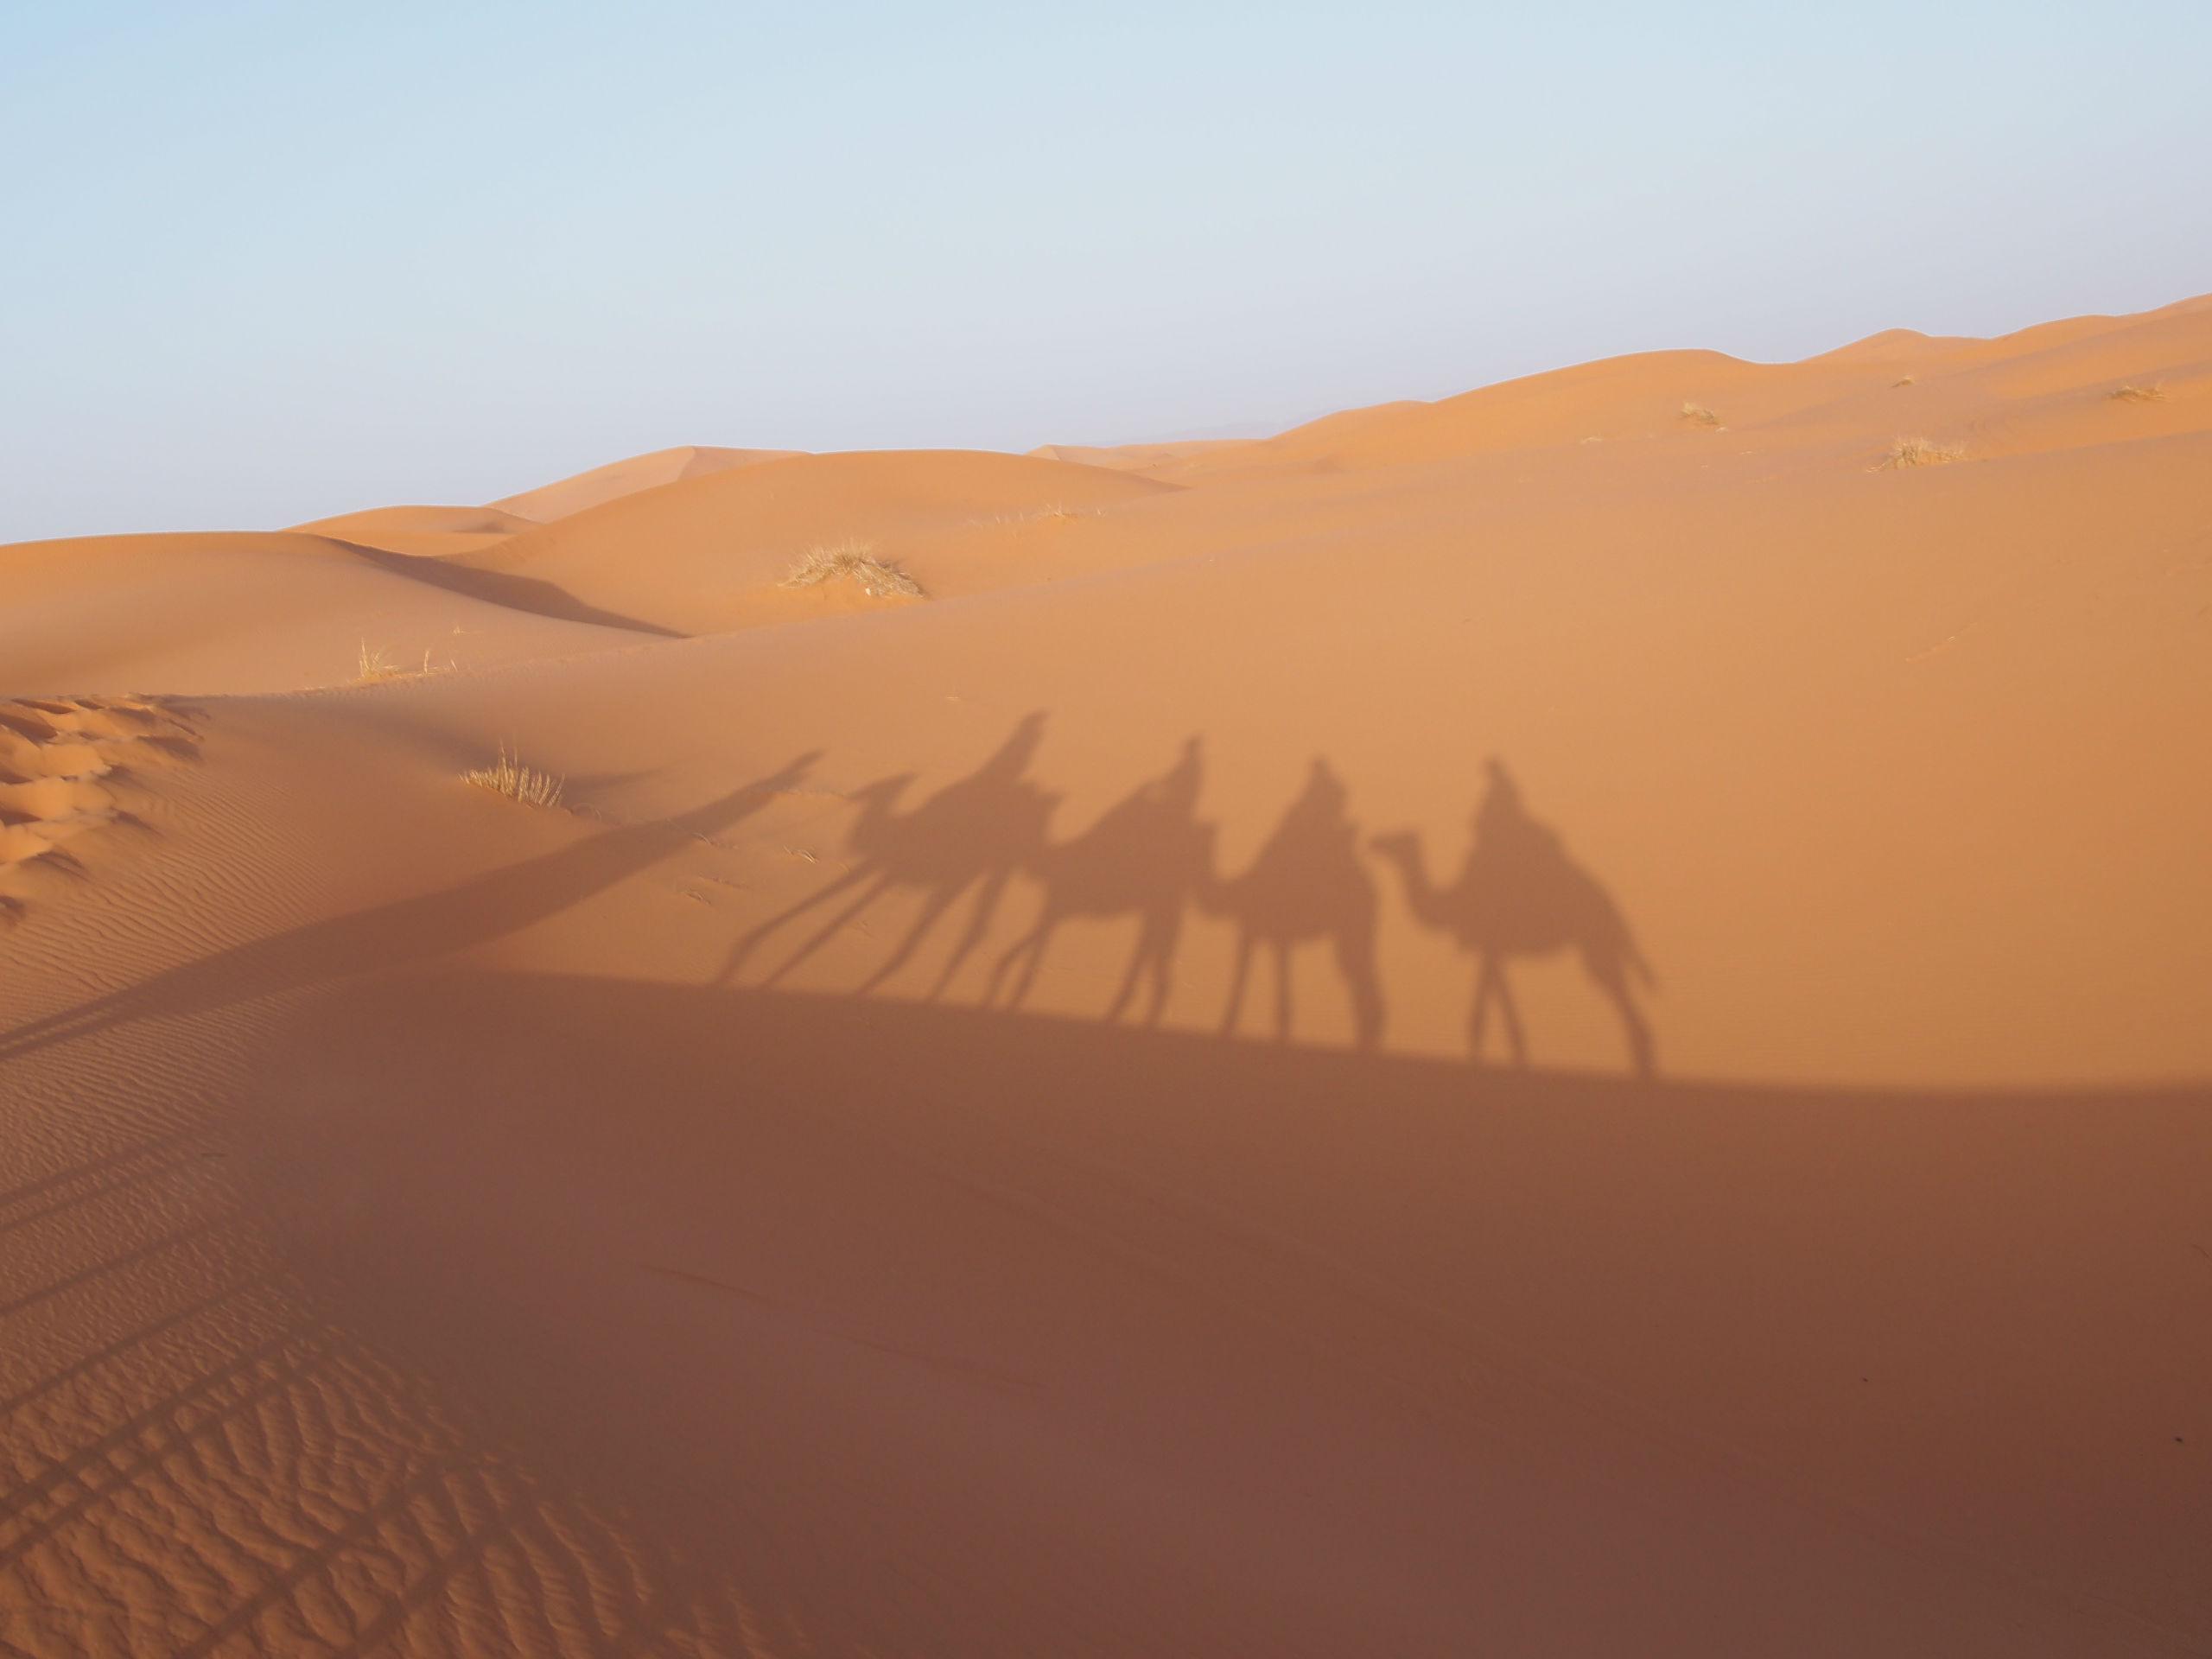 サハラ砂漠とラクダの影